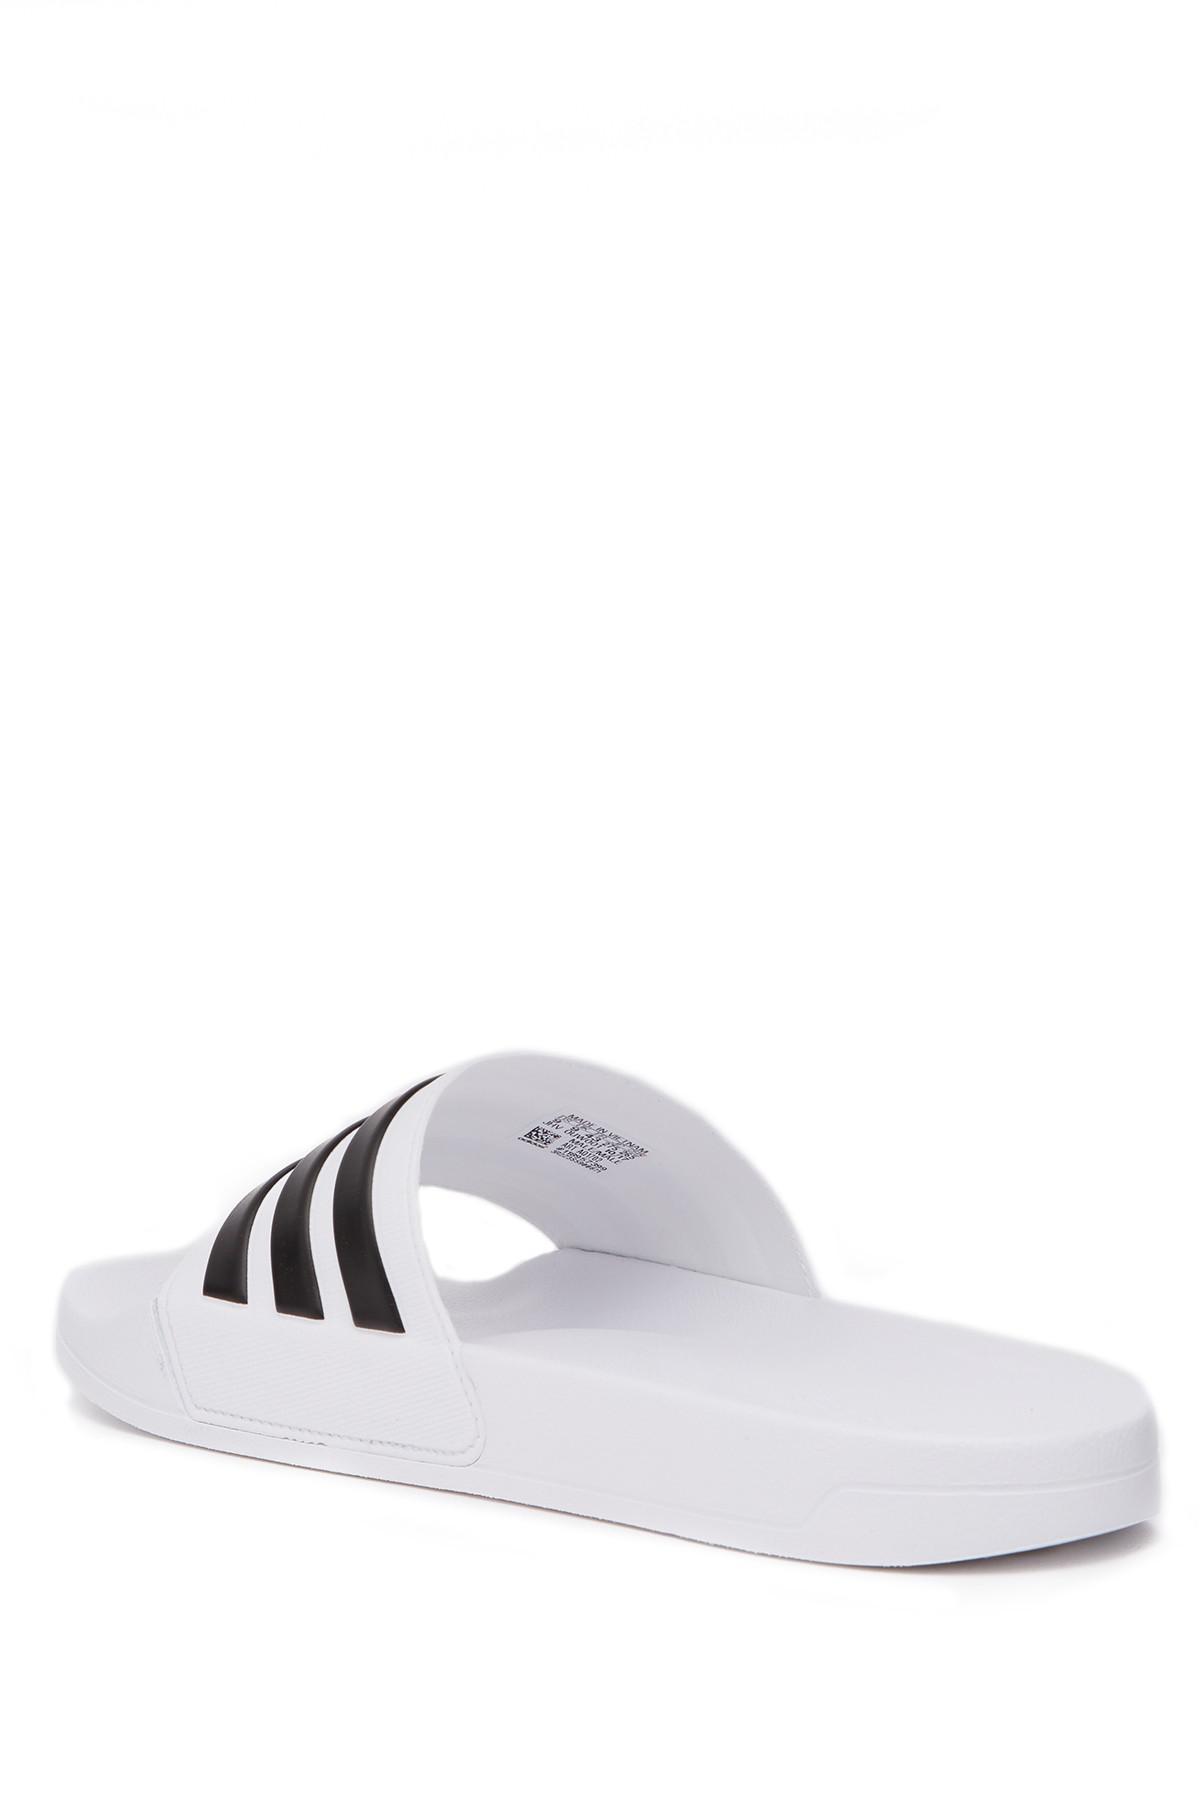 b7907ce272a8 Lyst - adidas Adidette Shower Slide Sandal for Men